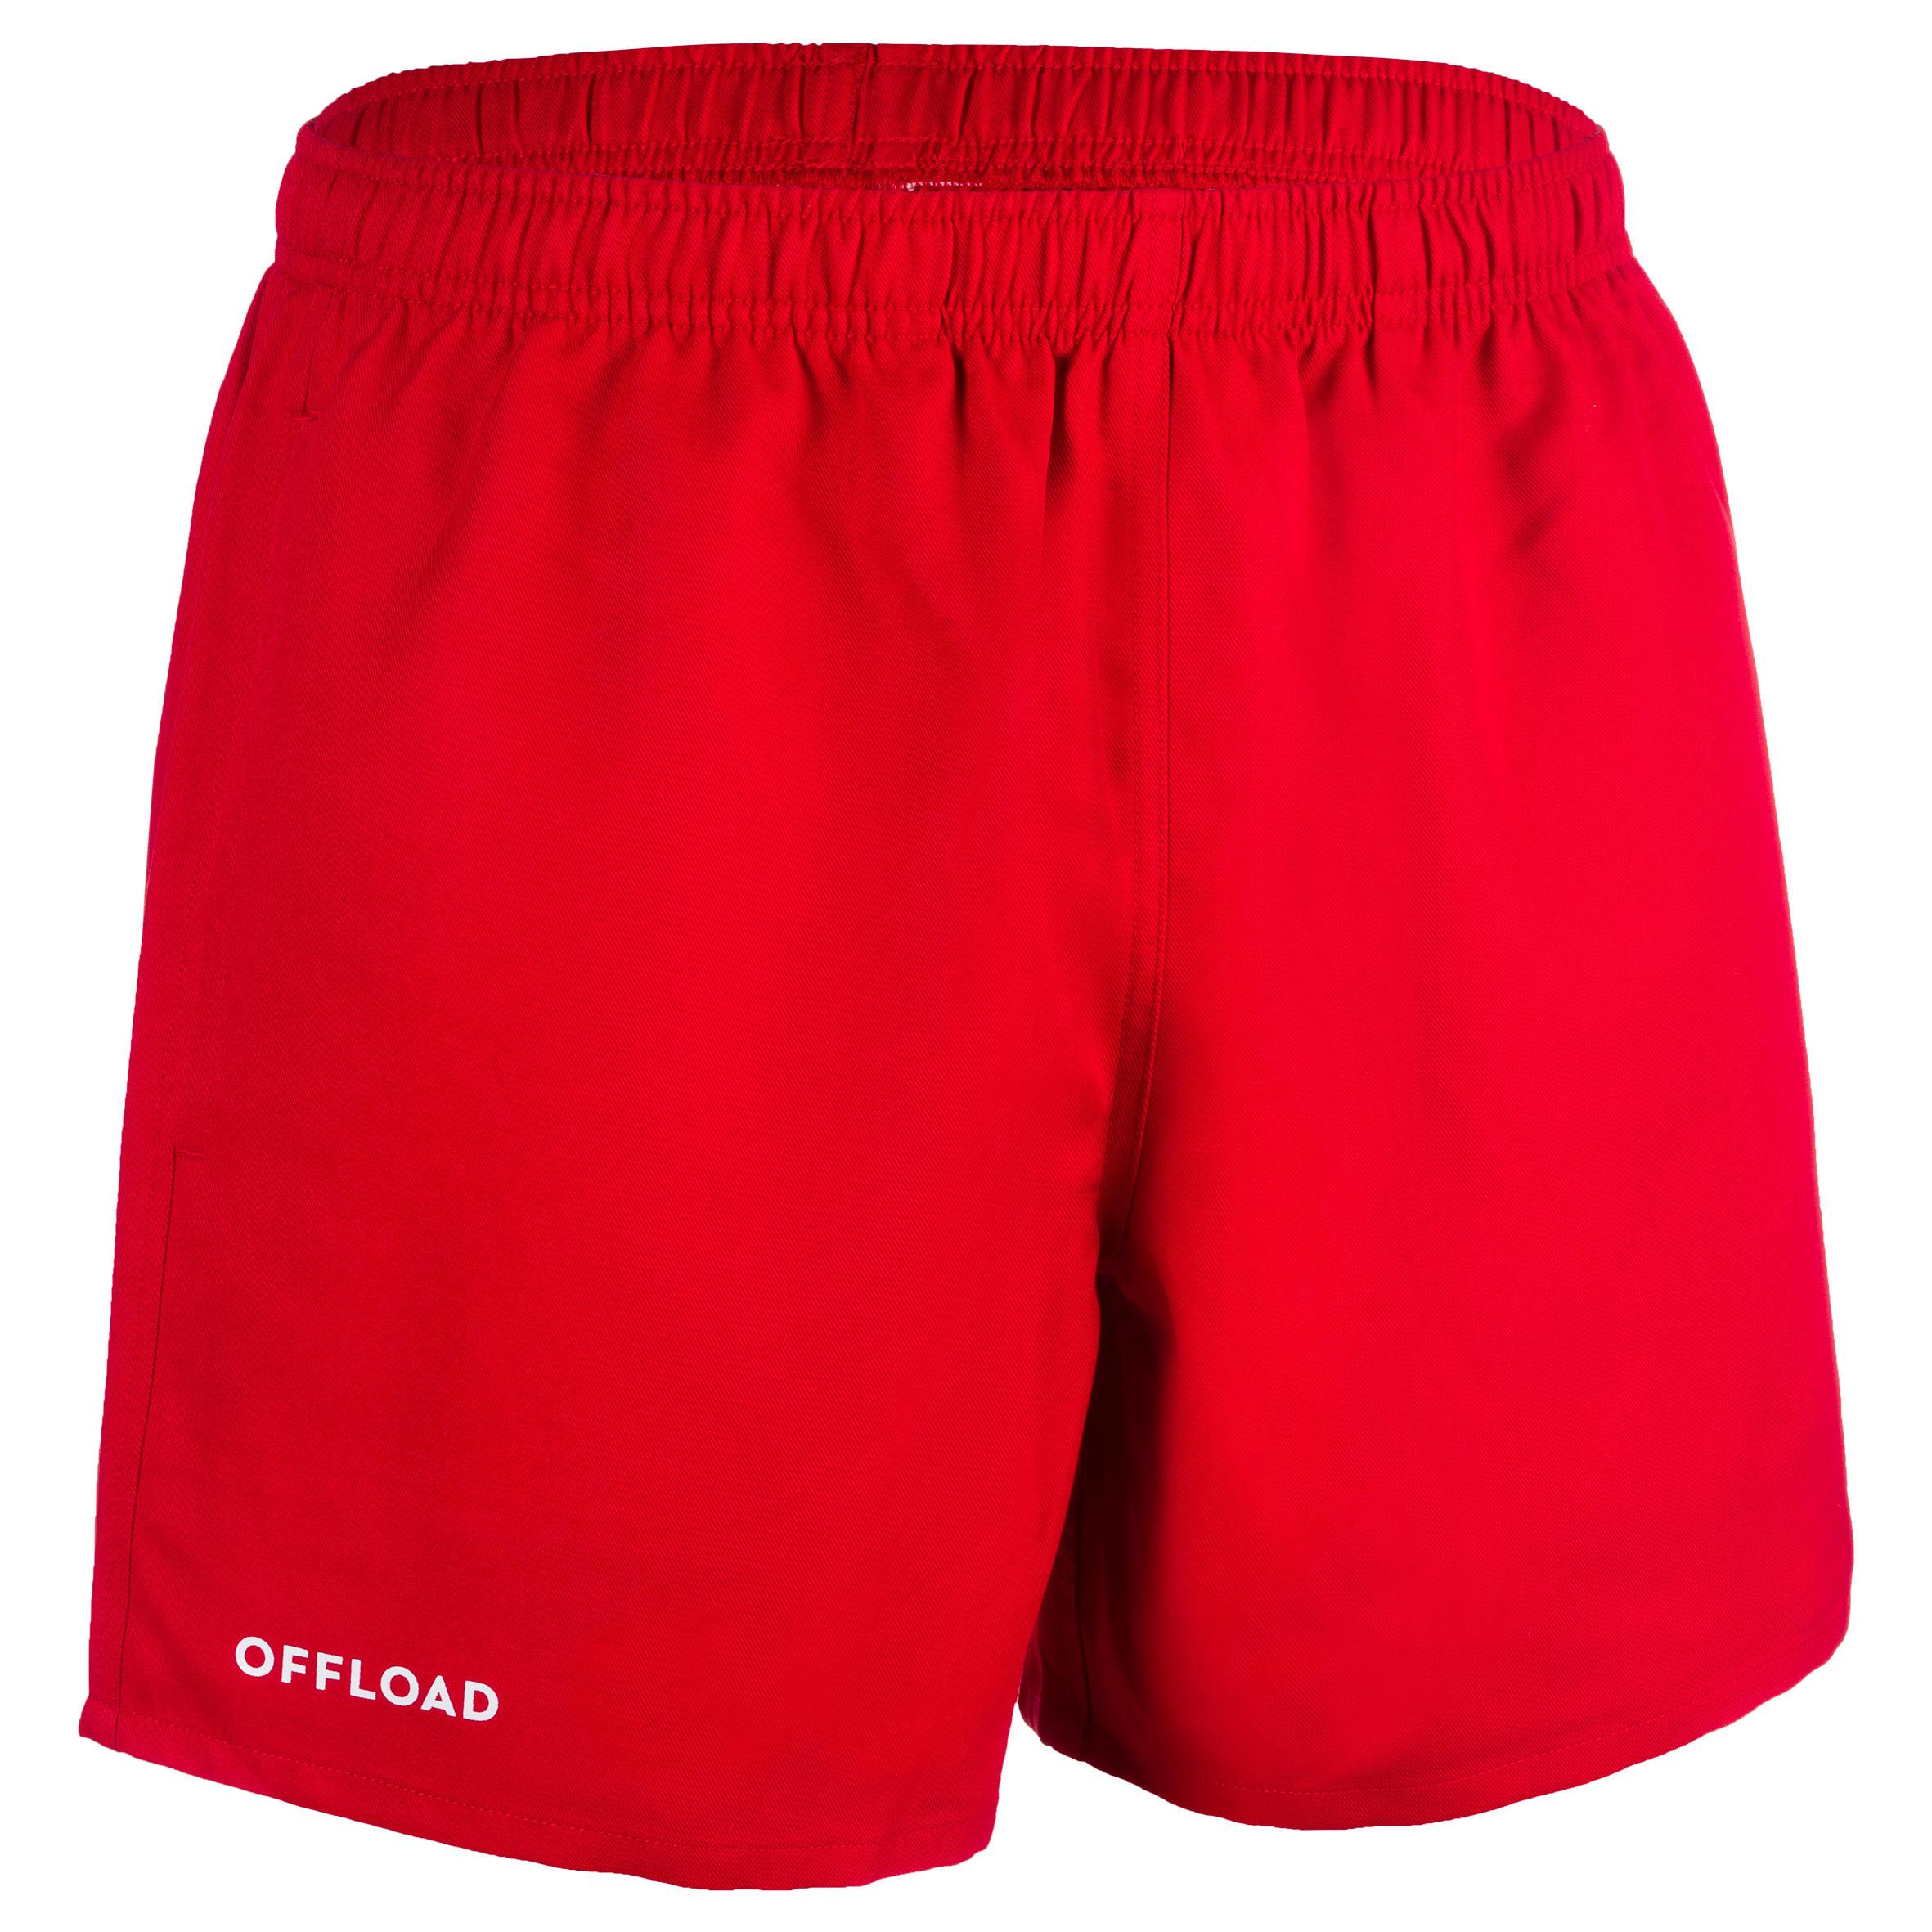 Rugbyshorts R100 mit Taschen Erwachsene | Sportbekleidung > Sporthosen > Sportshorts | Offload